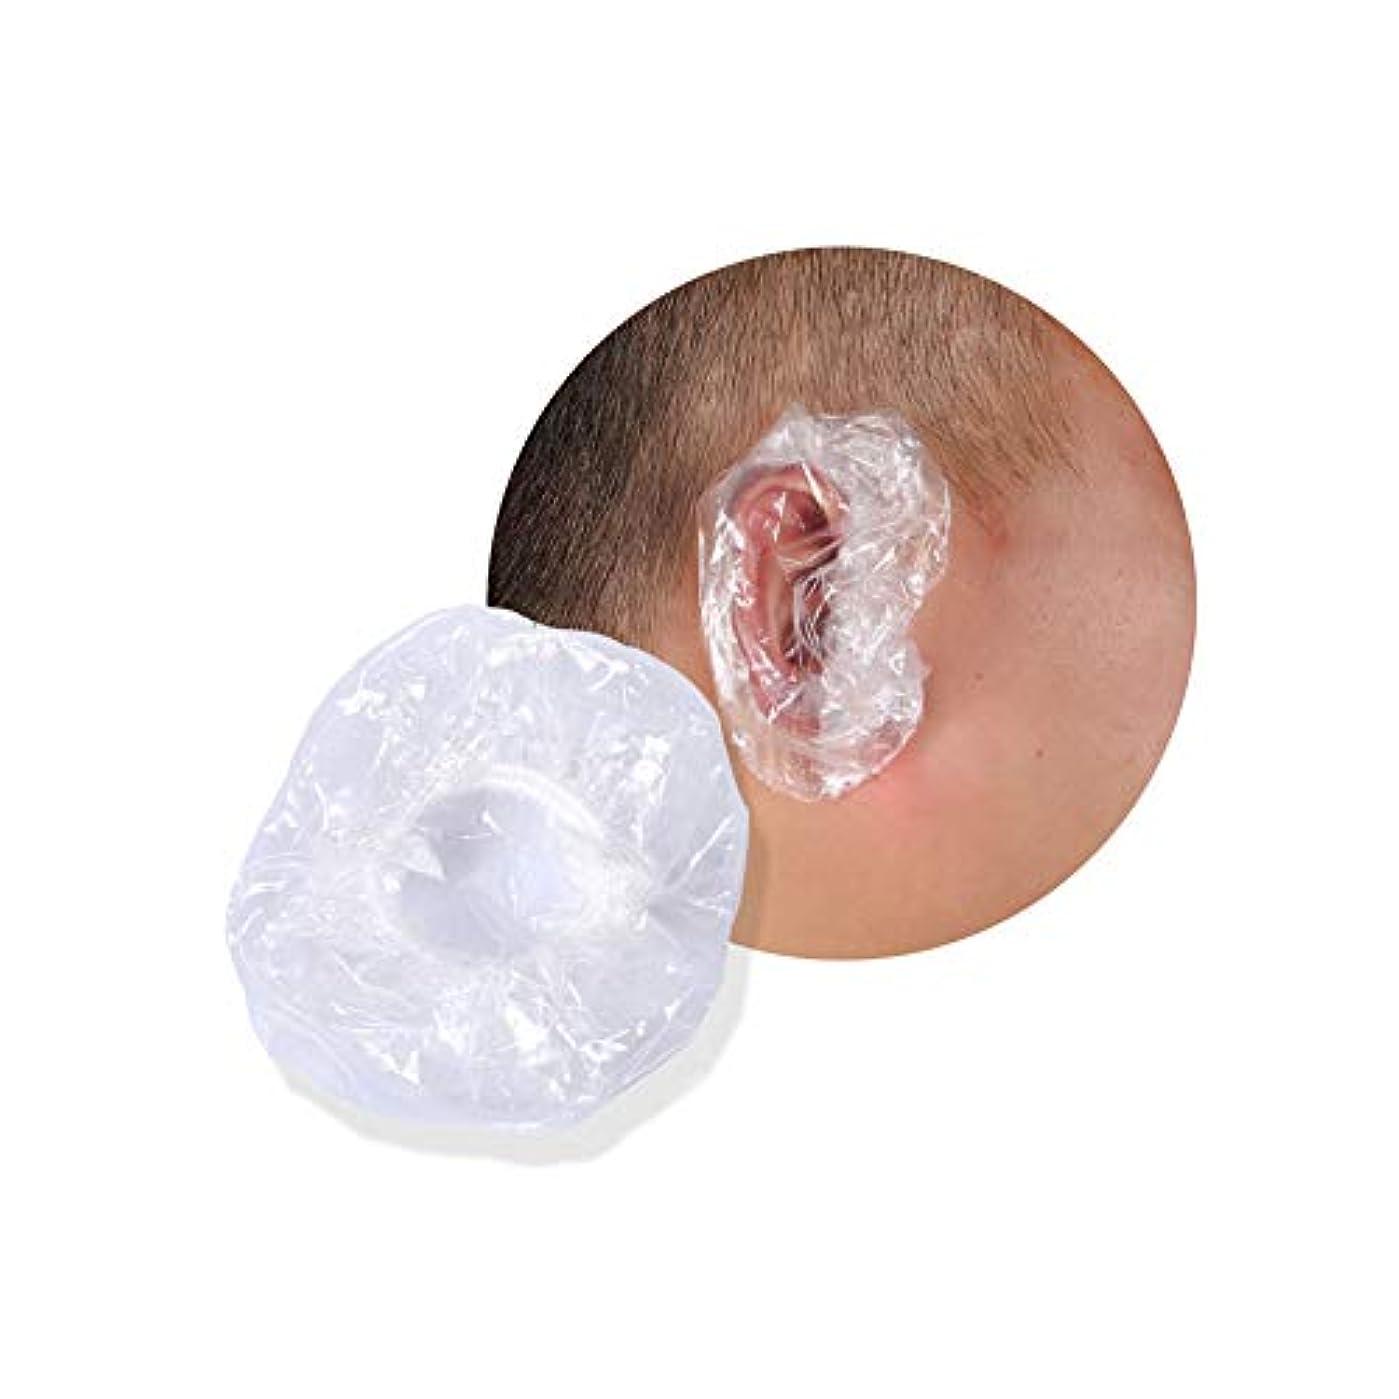 慣れるみ突破口イヤーキャップ 使い捨て 簡単 装着 透明 ビニール 耳 保護 カバー 毛染め パーマ 縮毛矯正 シャンプー トリートメント 100個入り